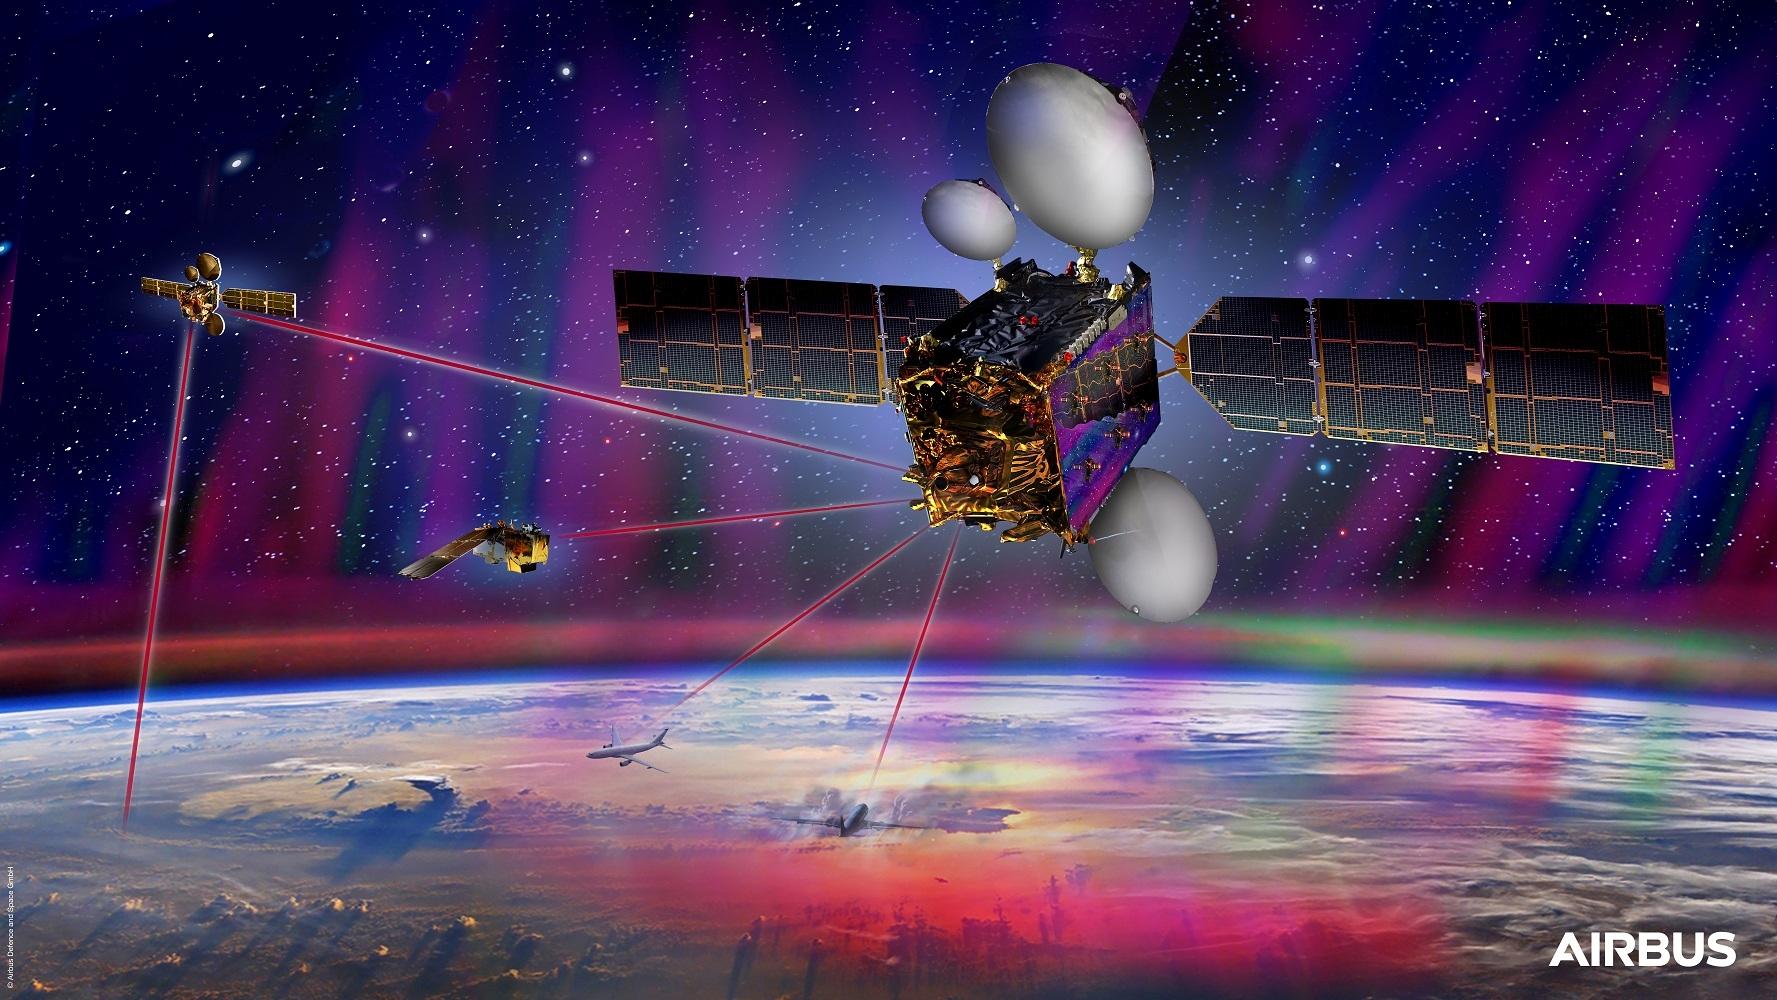 空客EDRS-C卫星完成测试 将为空间数据高速公路扩容